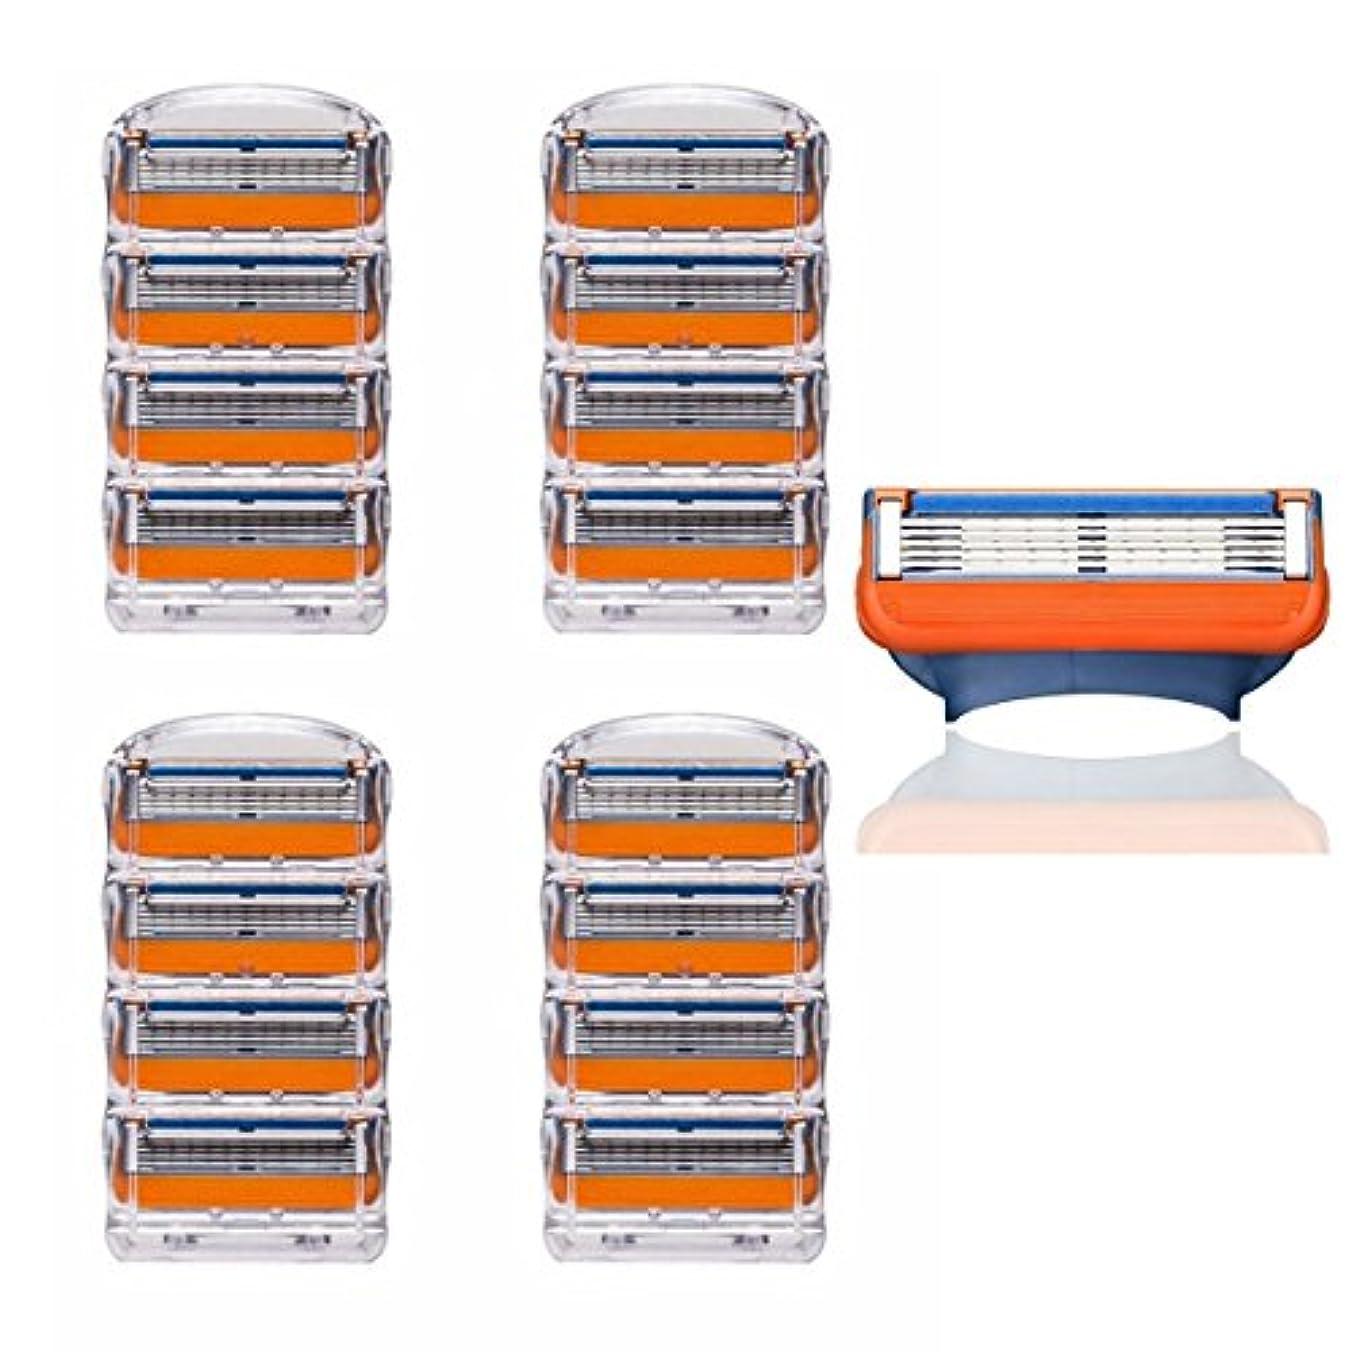 カビ順番広がりKISENG 16枚 5刃シェーバーヘッド 交換用 シェービングカミソリ ジレットに適用